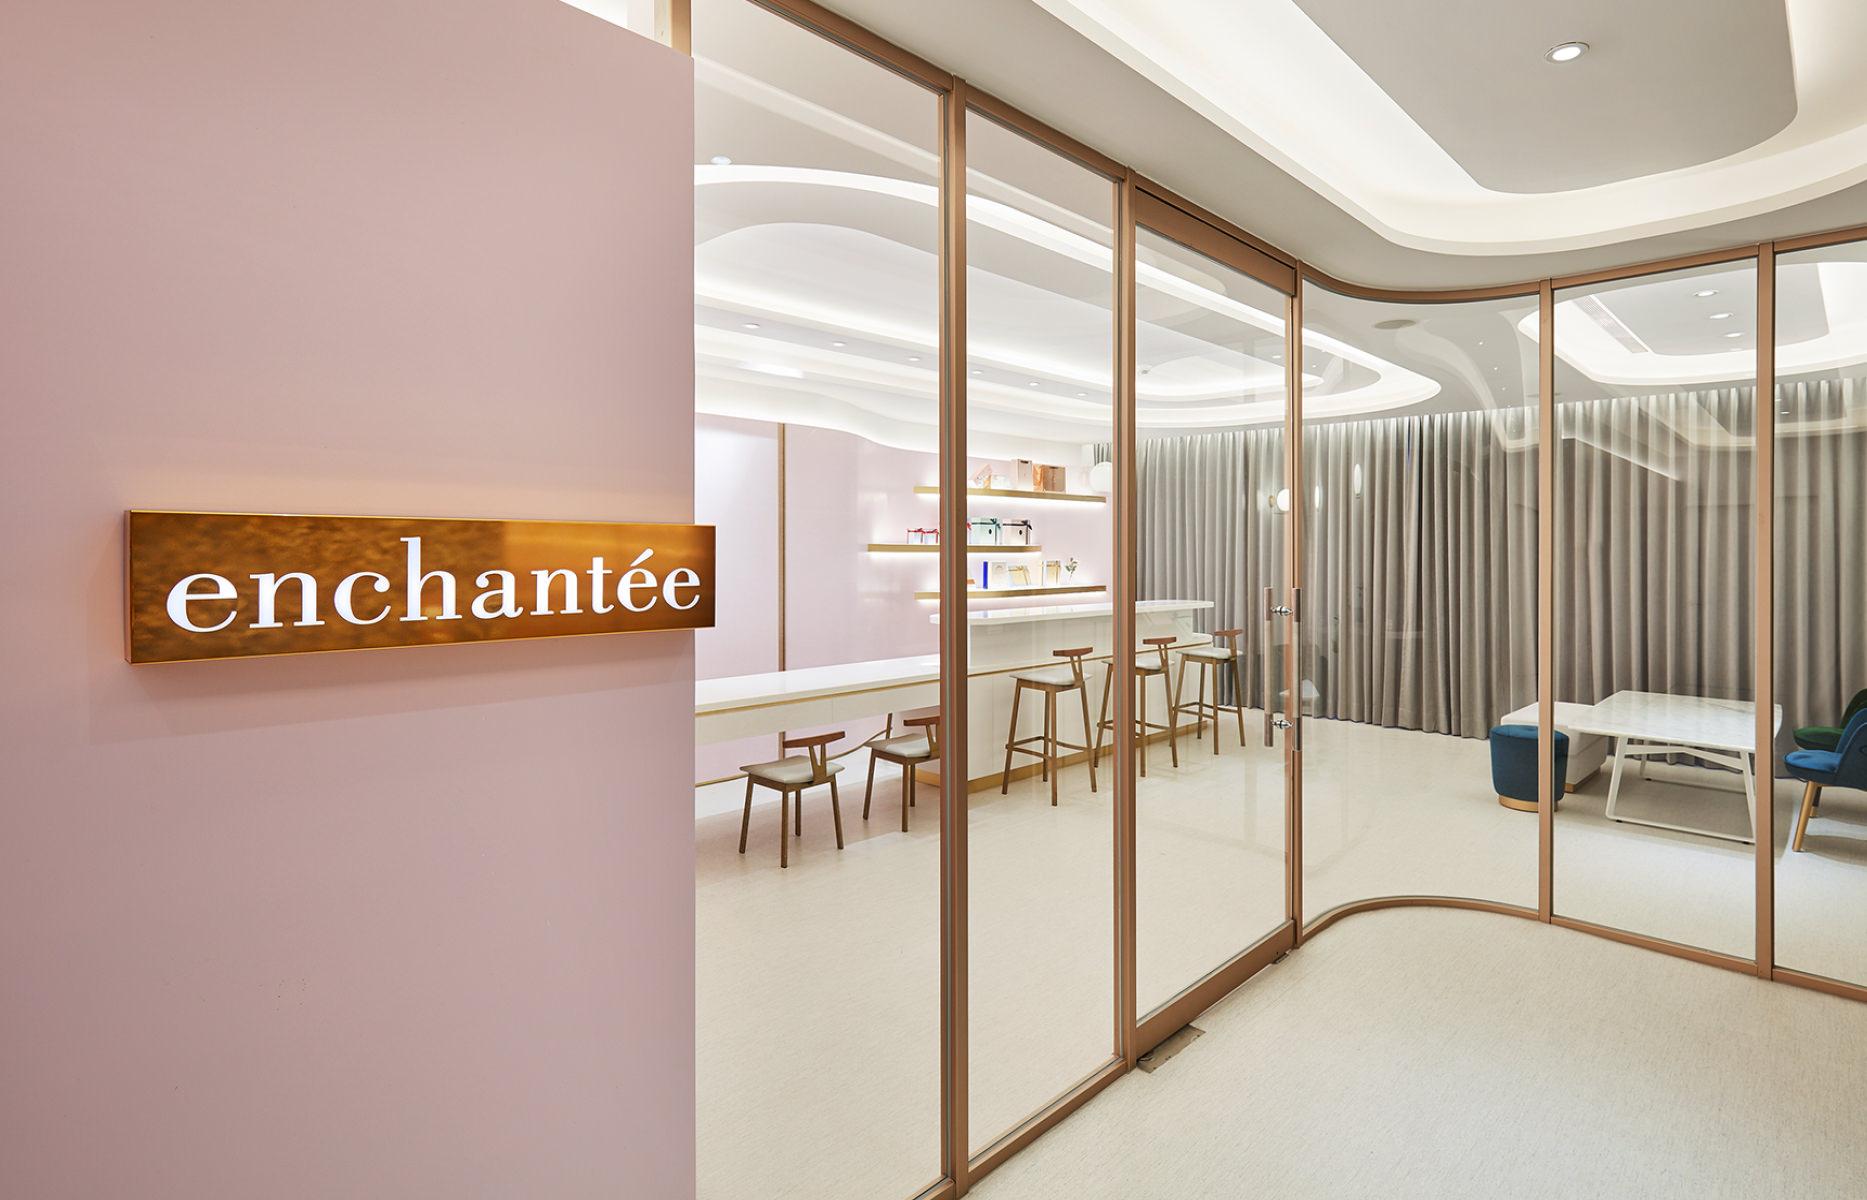 喜餅品牌空間設計